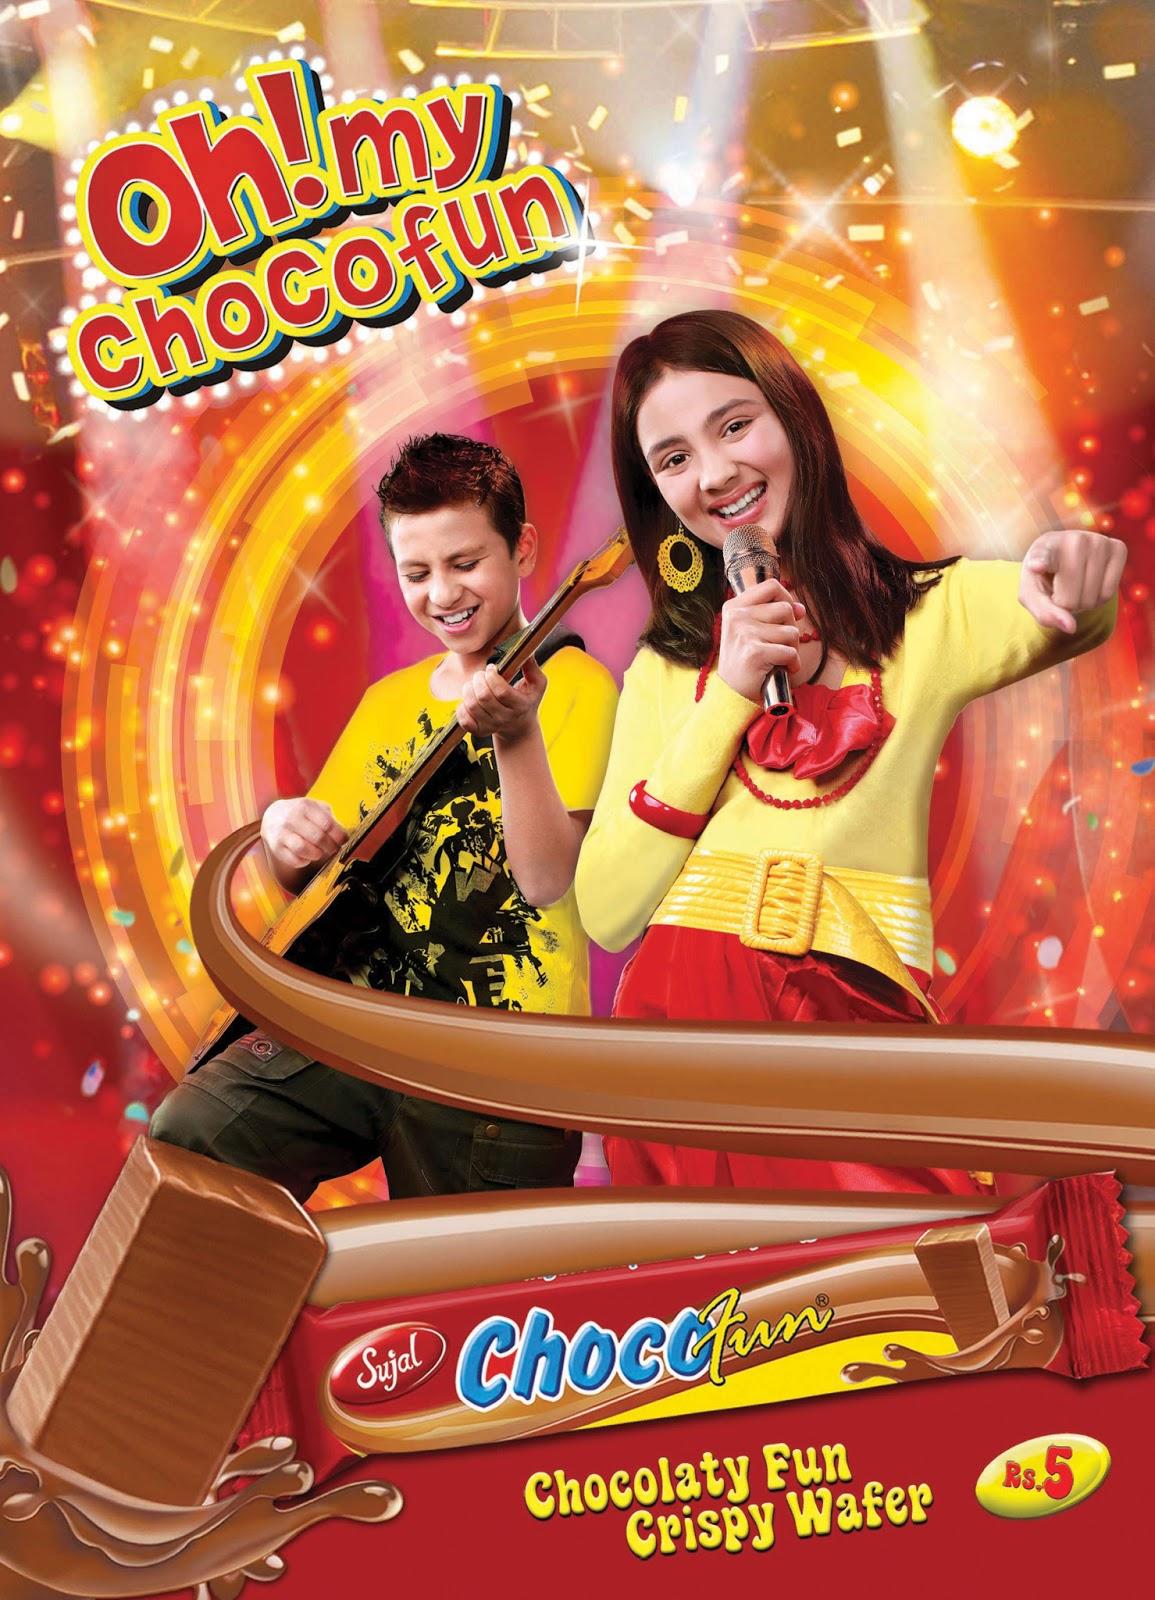 chocofun-ad nepal | ADVERTISEMENT